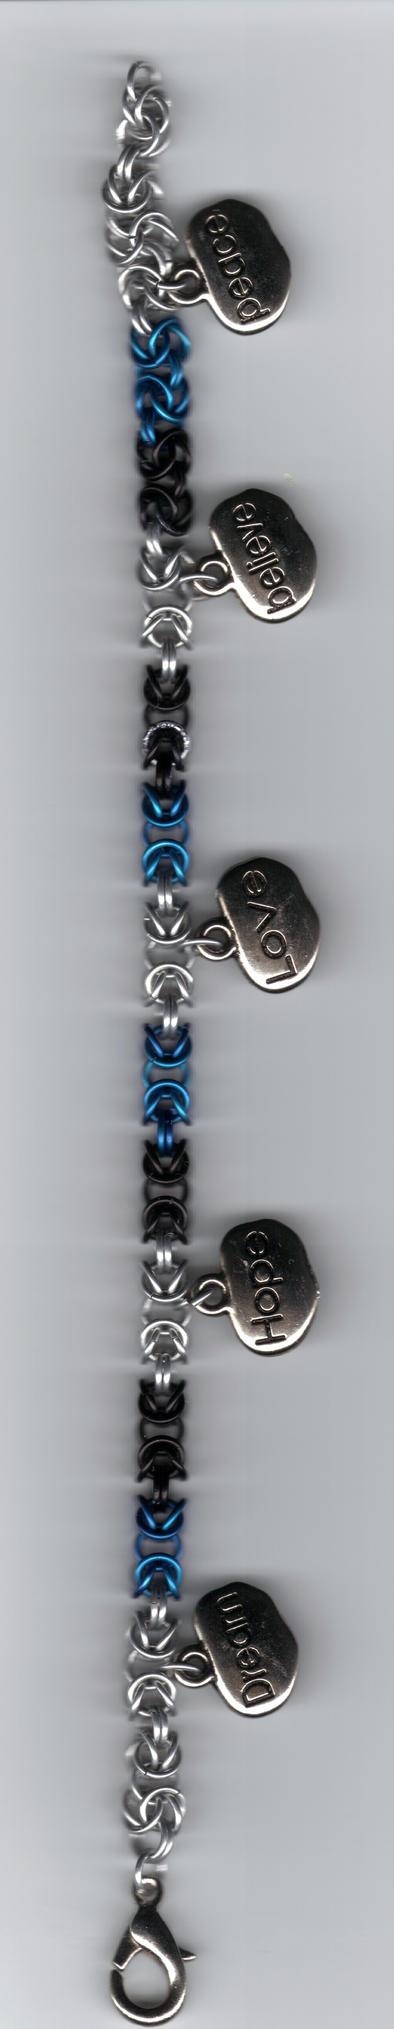 Gifty's Bracelet by Freezie